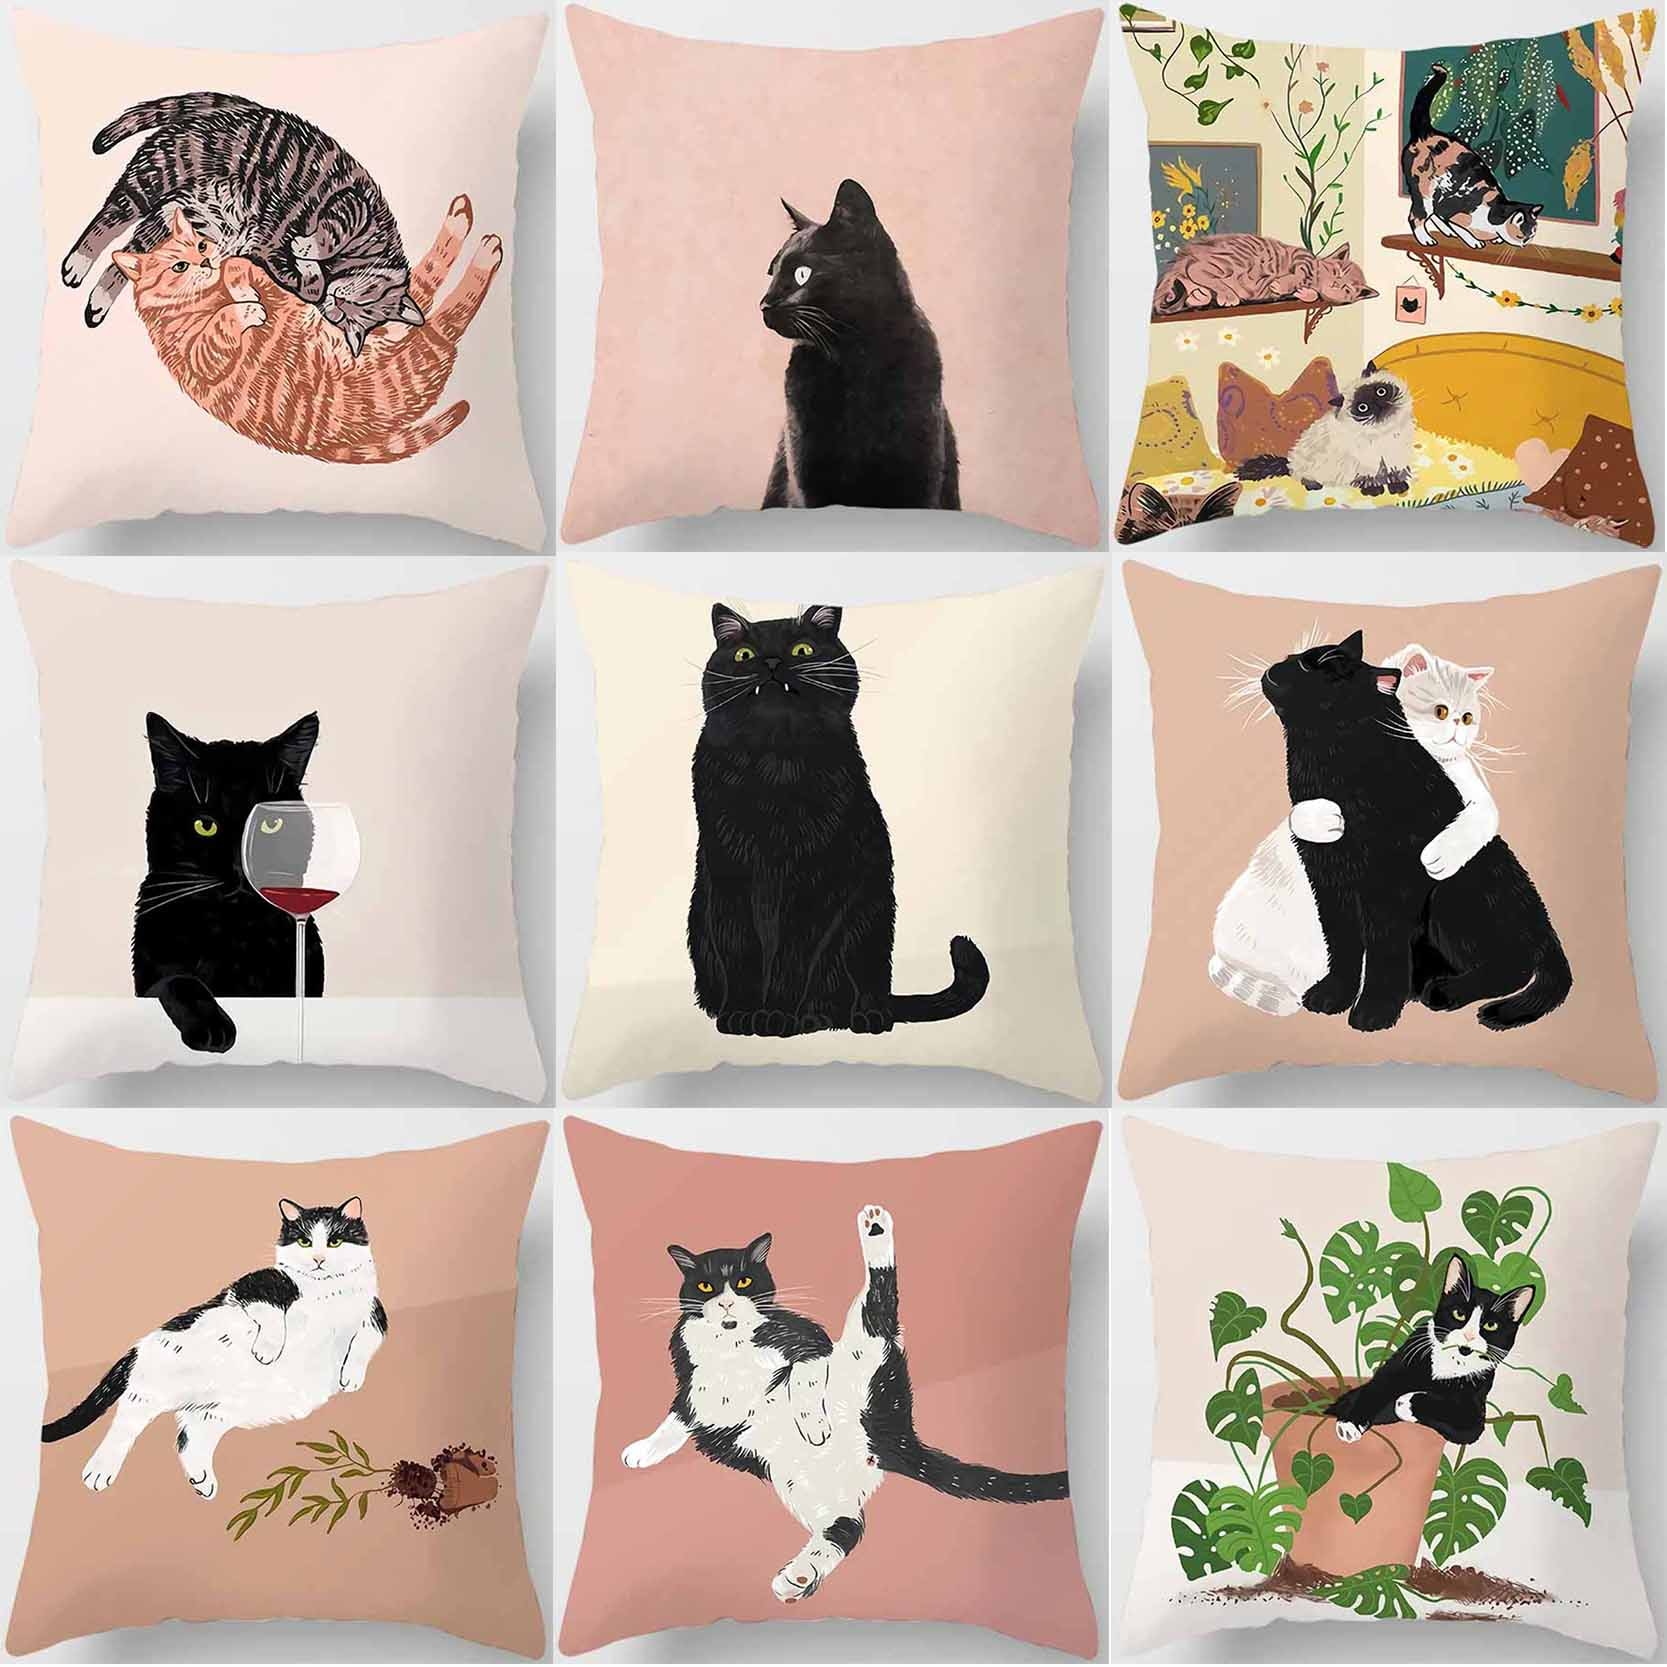 Кошка-досуг, квадратная наволочка, используется для украшения дома, Автомобильная подушка для дивана Cover45cm * 45 см